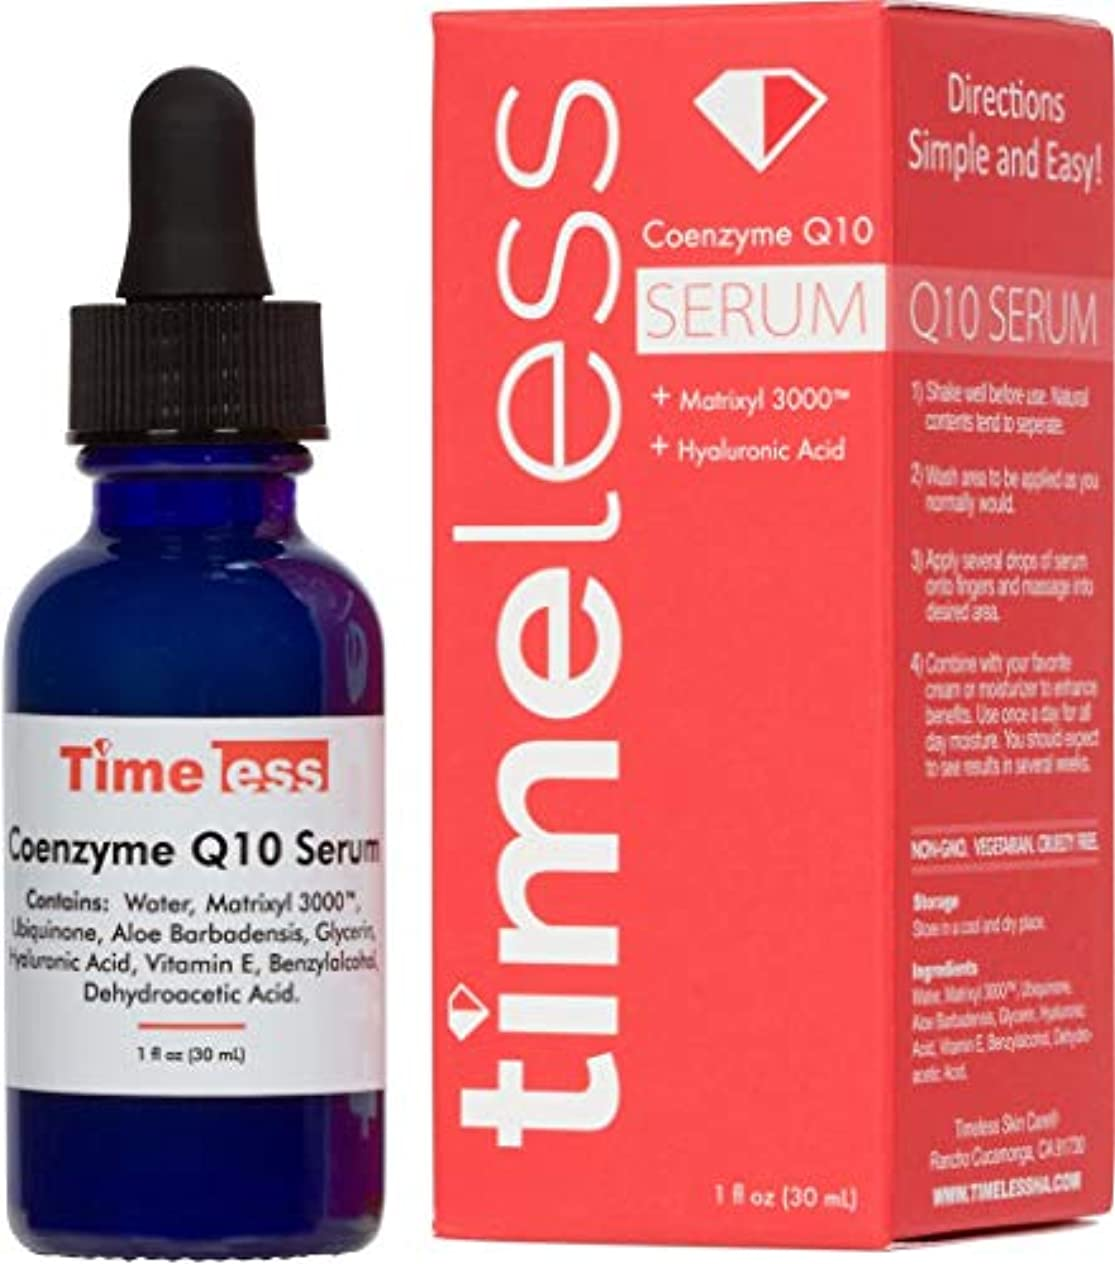 委員長悲しい実験Timeless Skin Care Coenzyme Q10 w/Matrixyl 3000 Serum 1oz / 30ml - Sealed & Fresh Guaranteed! Dispatch from the...